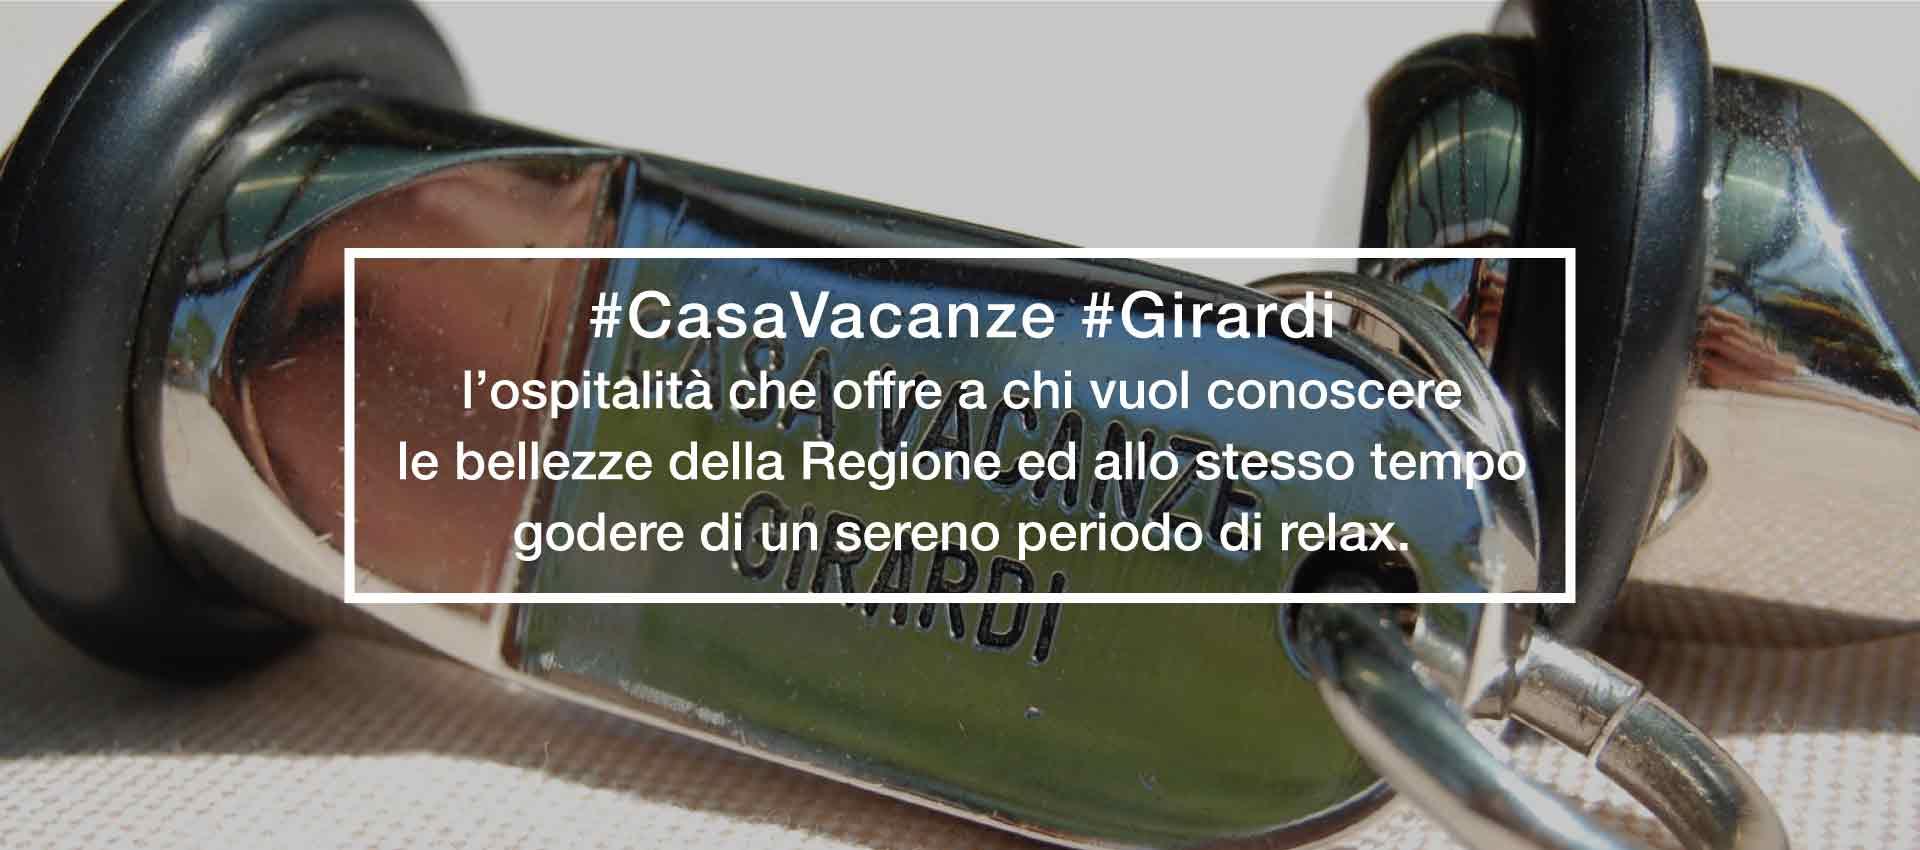 Casa-Vacanze-Girardi-friuli-venezia-giulia-grado